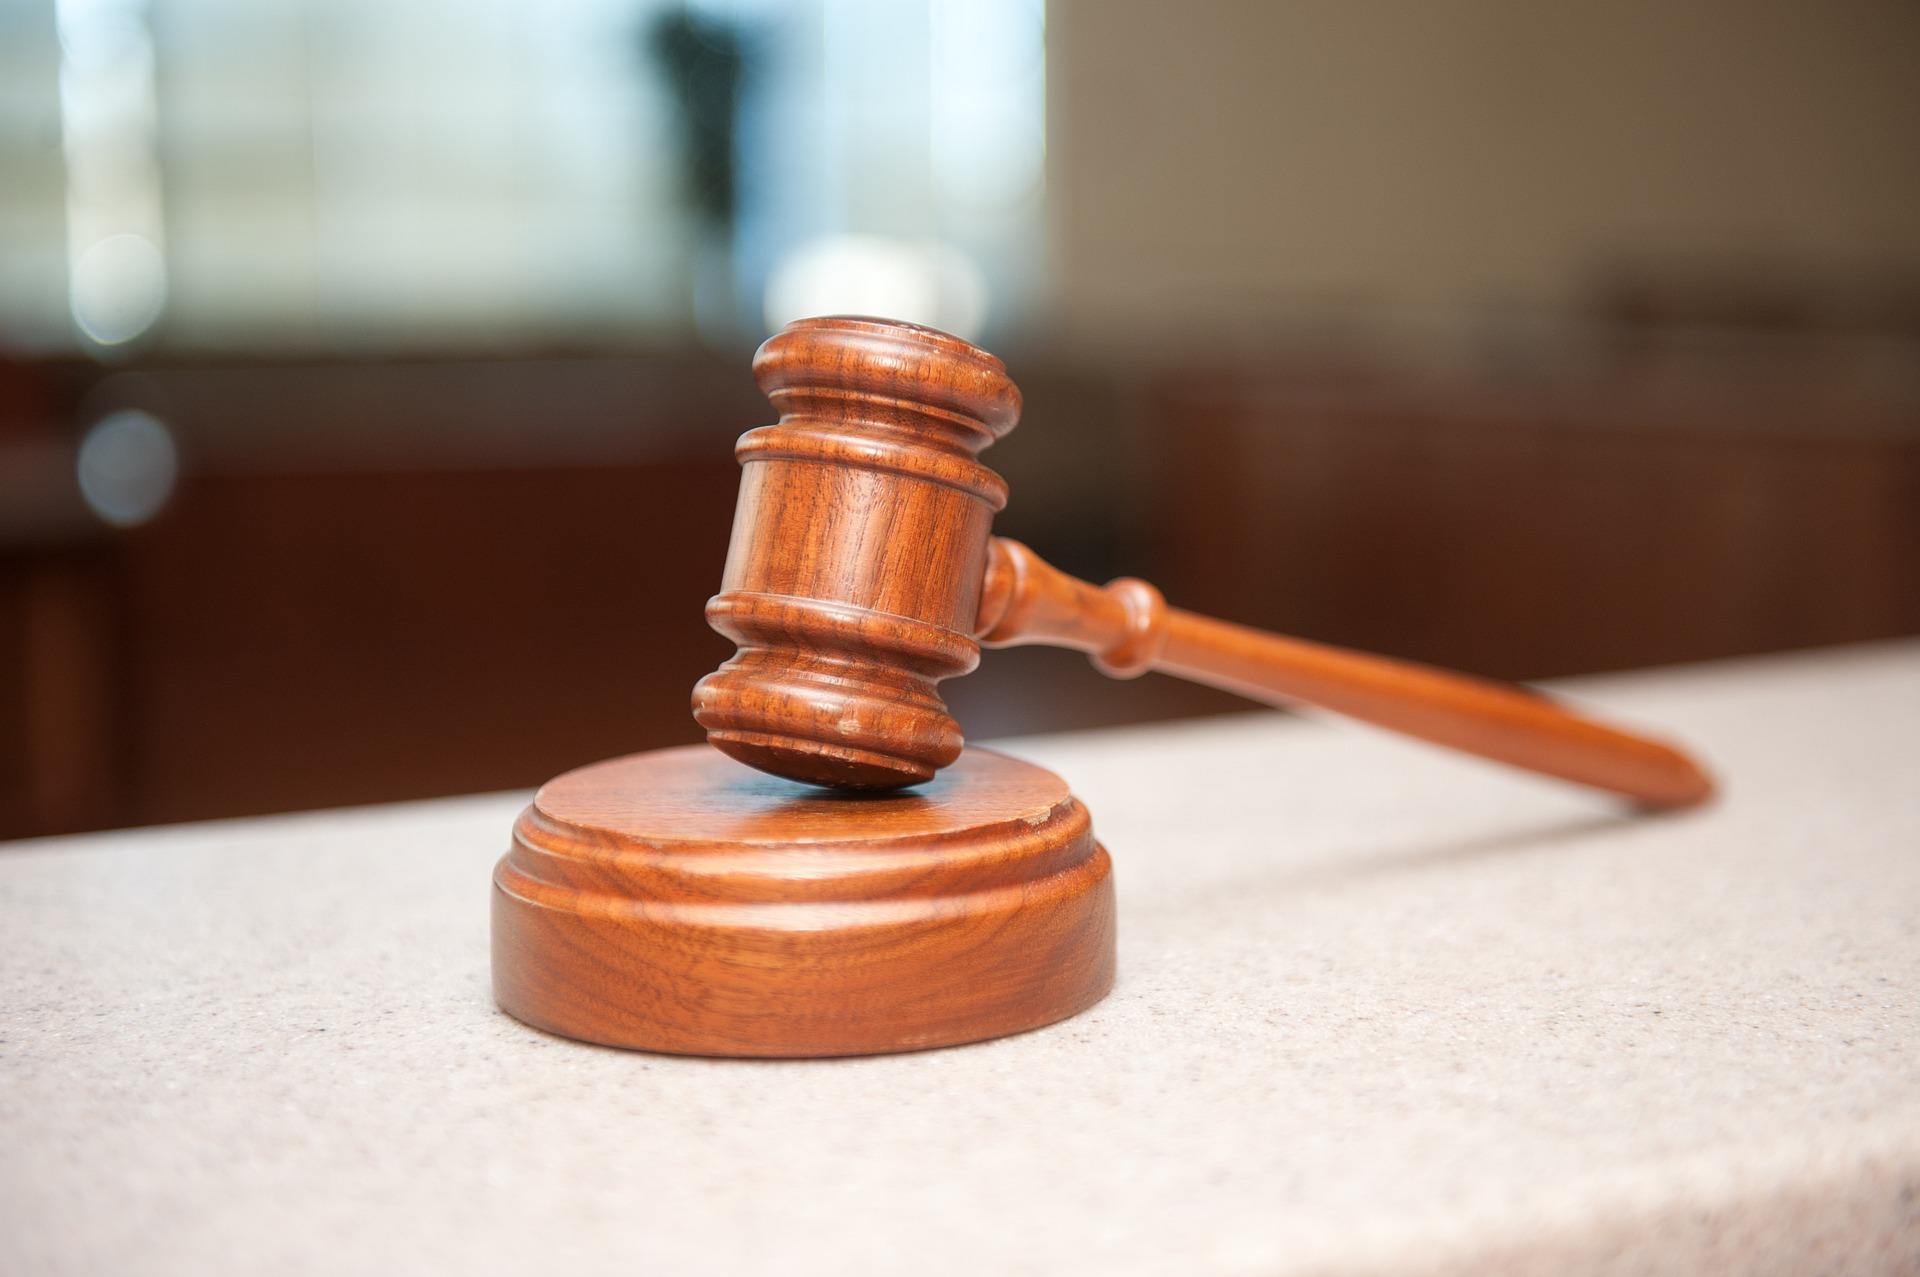 弁護士に誹謗中傷の対策を相談する